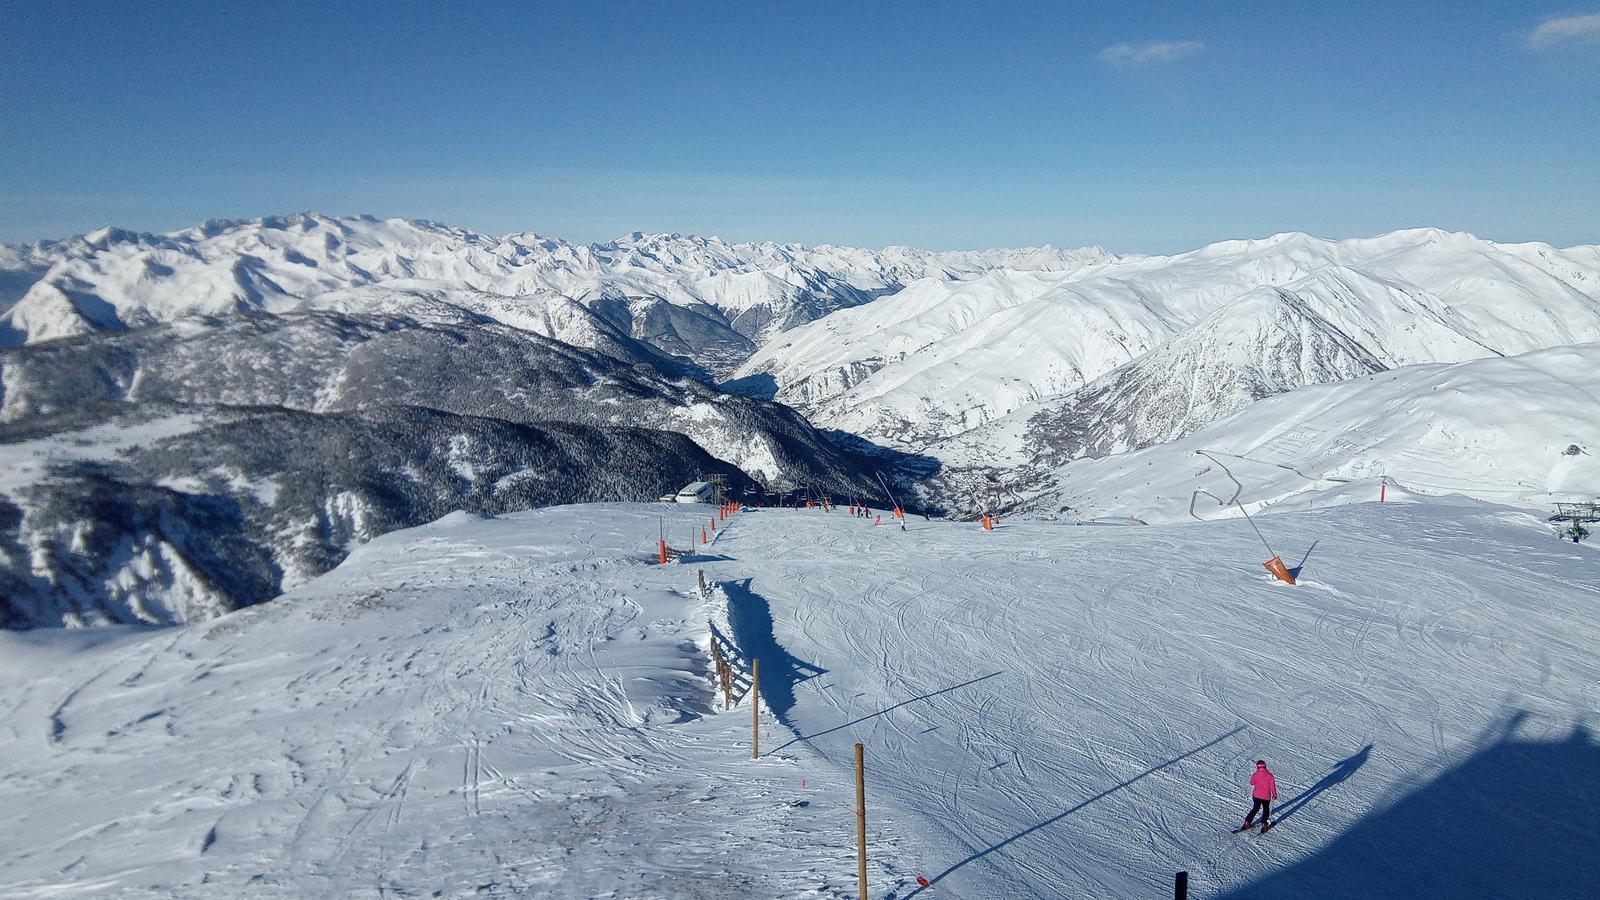 Balanç dels gruixos de neu al vessant nord i sud del Pirineu: Bonaigua i Malniu